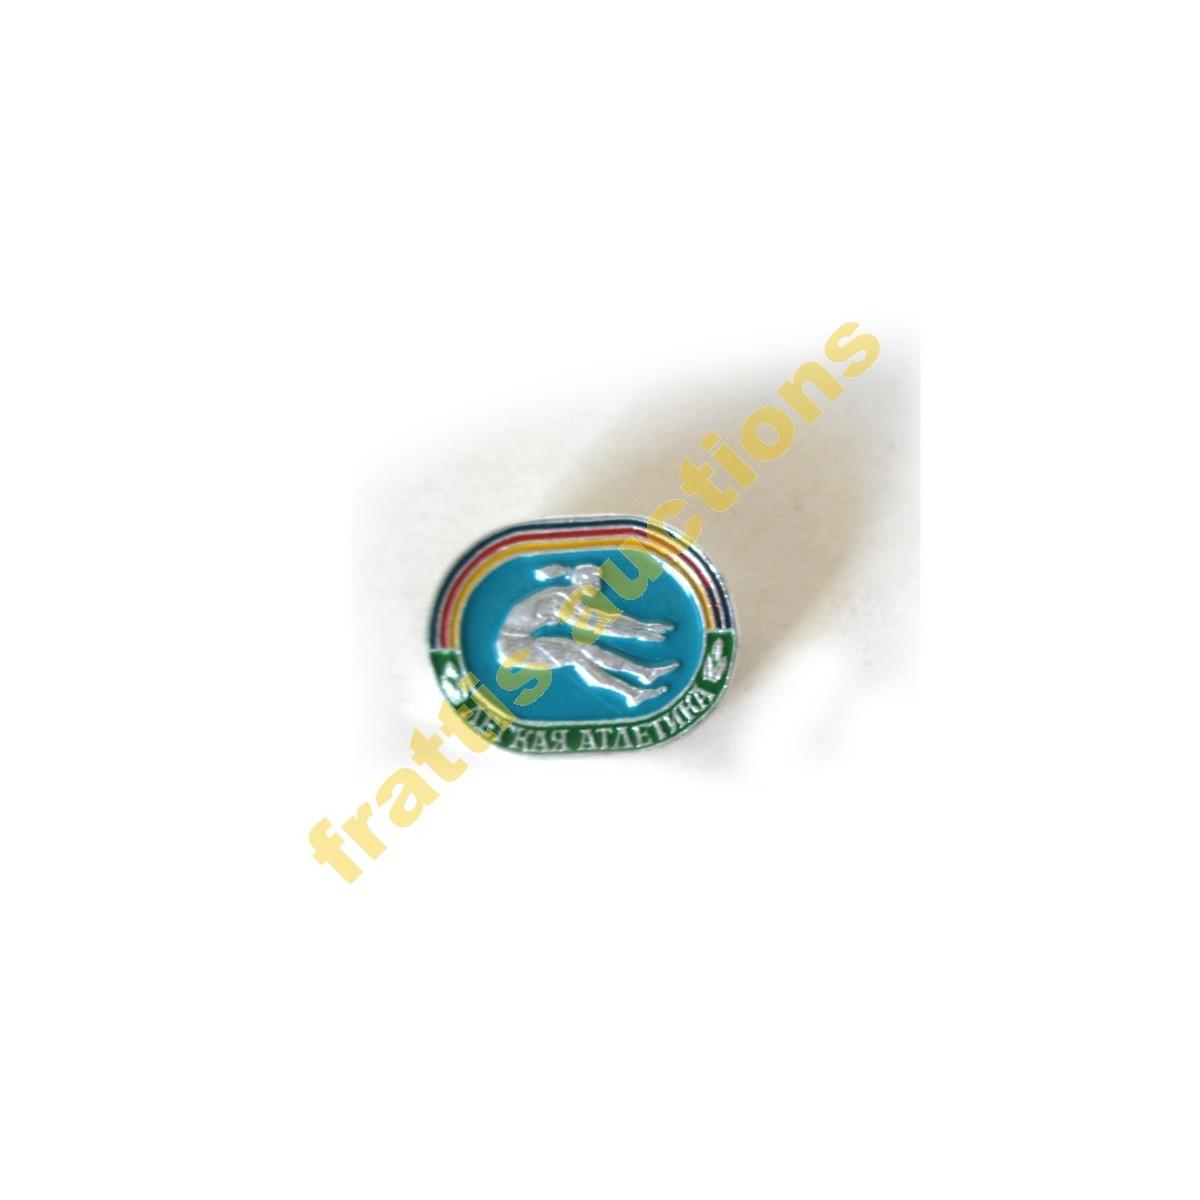 Pin Σοβιετικής Ένωσης. Αθλητική ομοσπονδία.